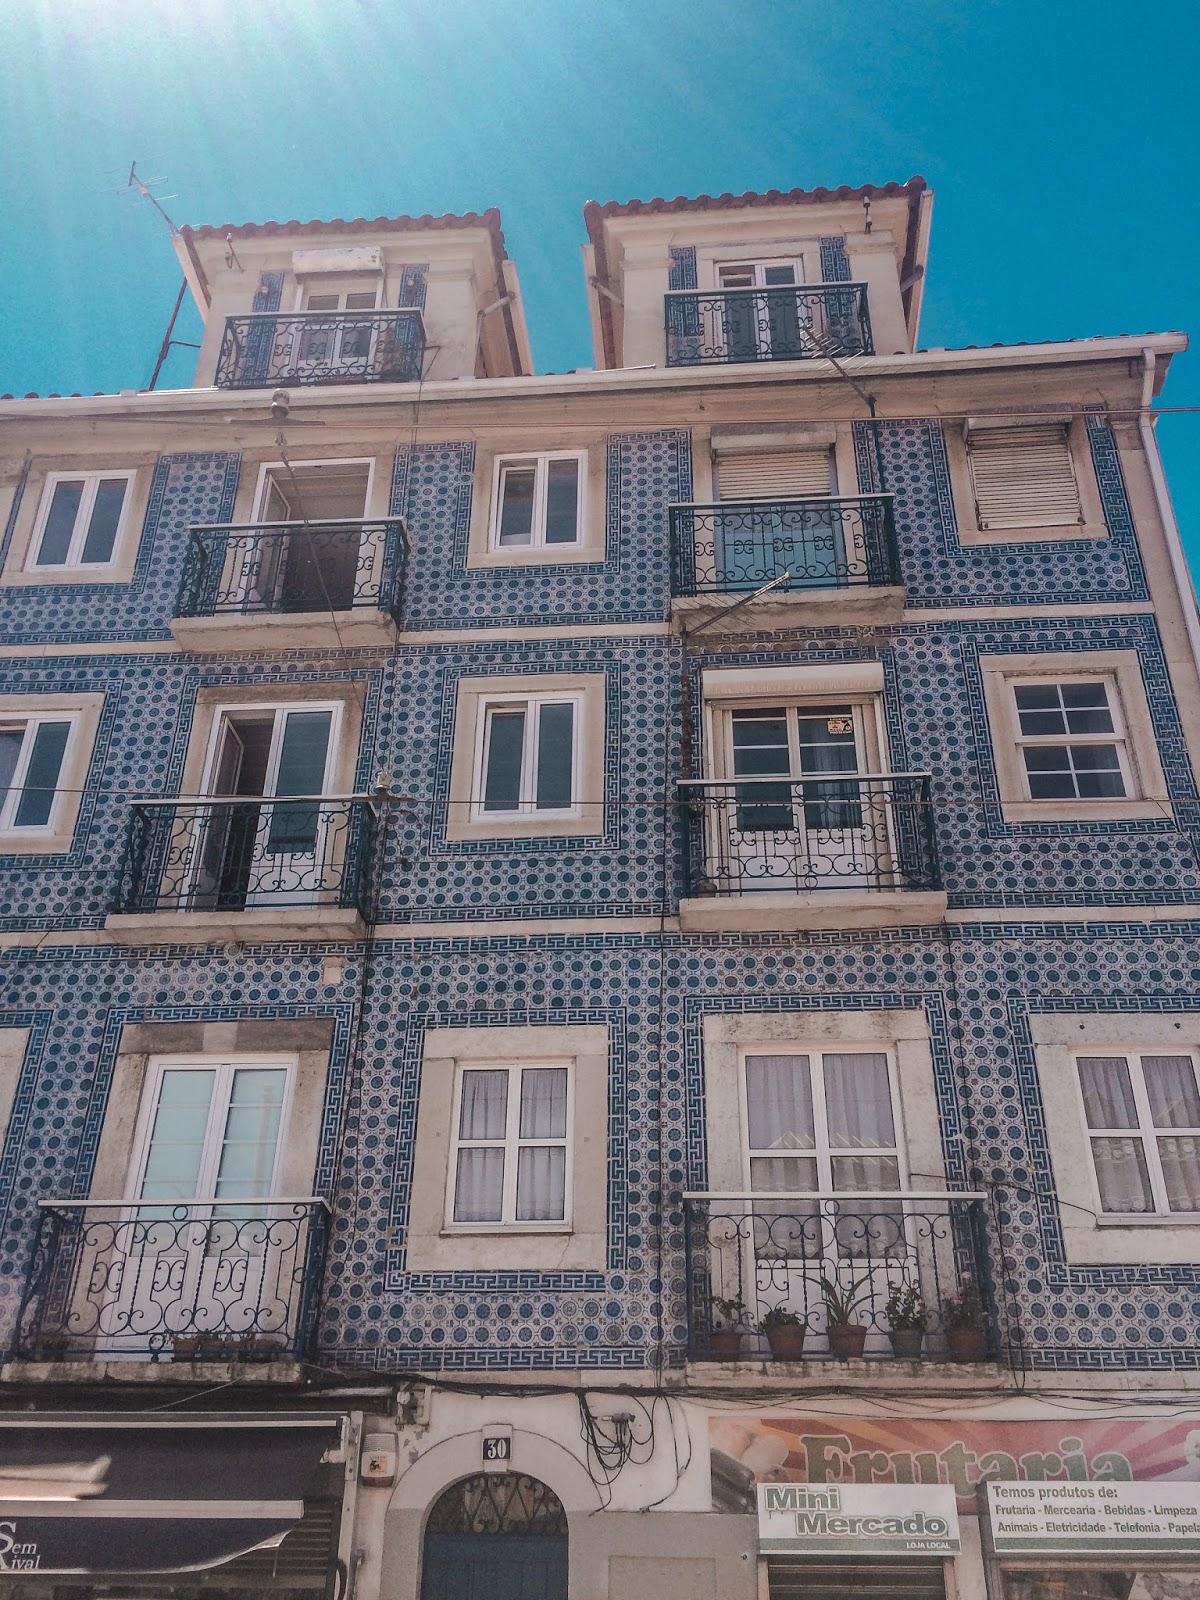 5 rzeczy które warto zobaczyć i spróbować w Lizbonie